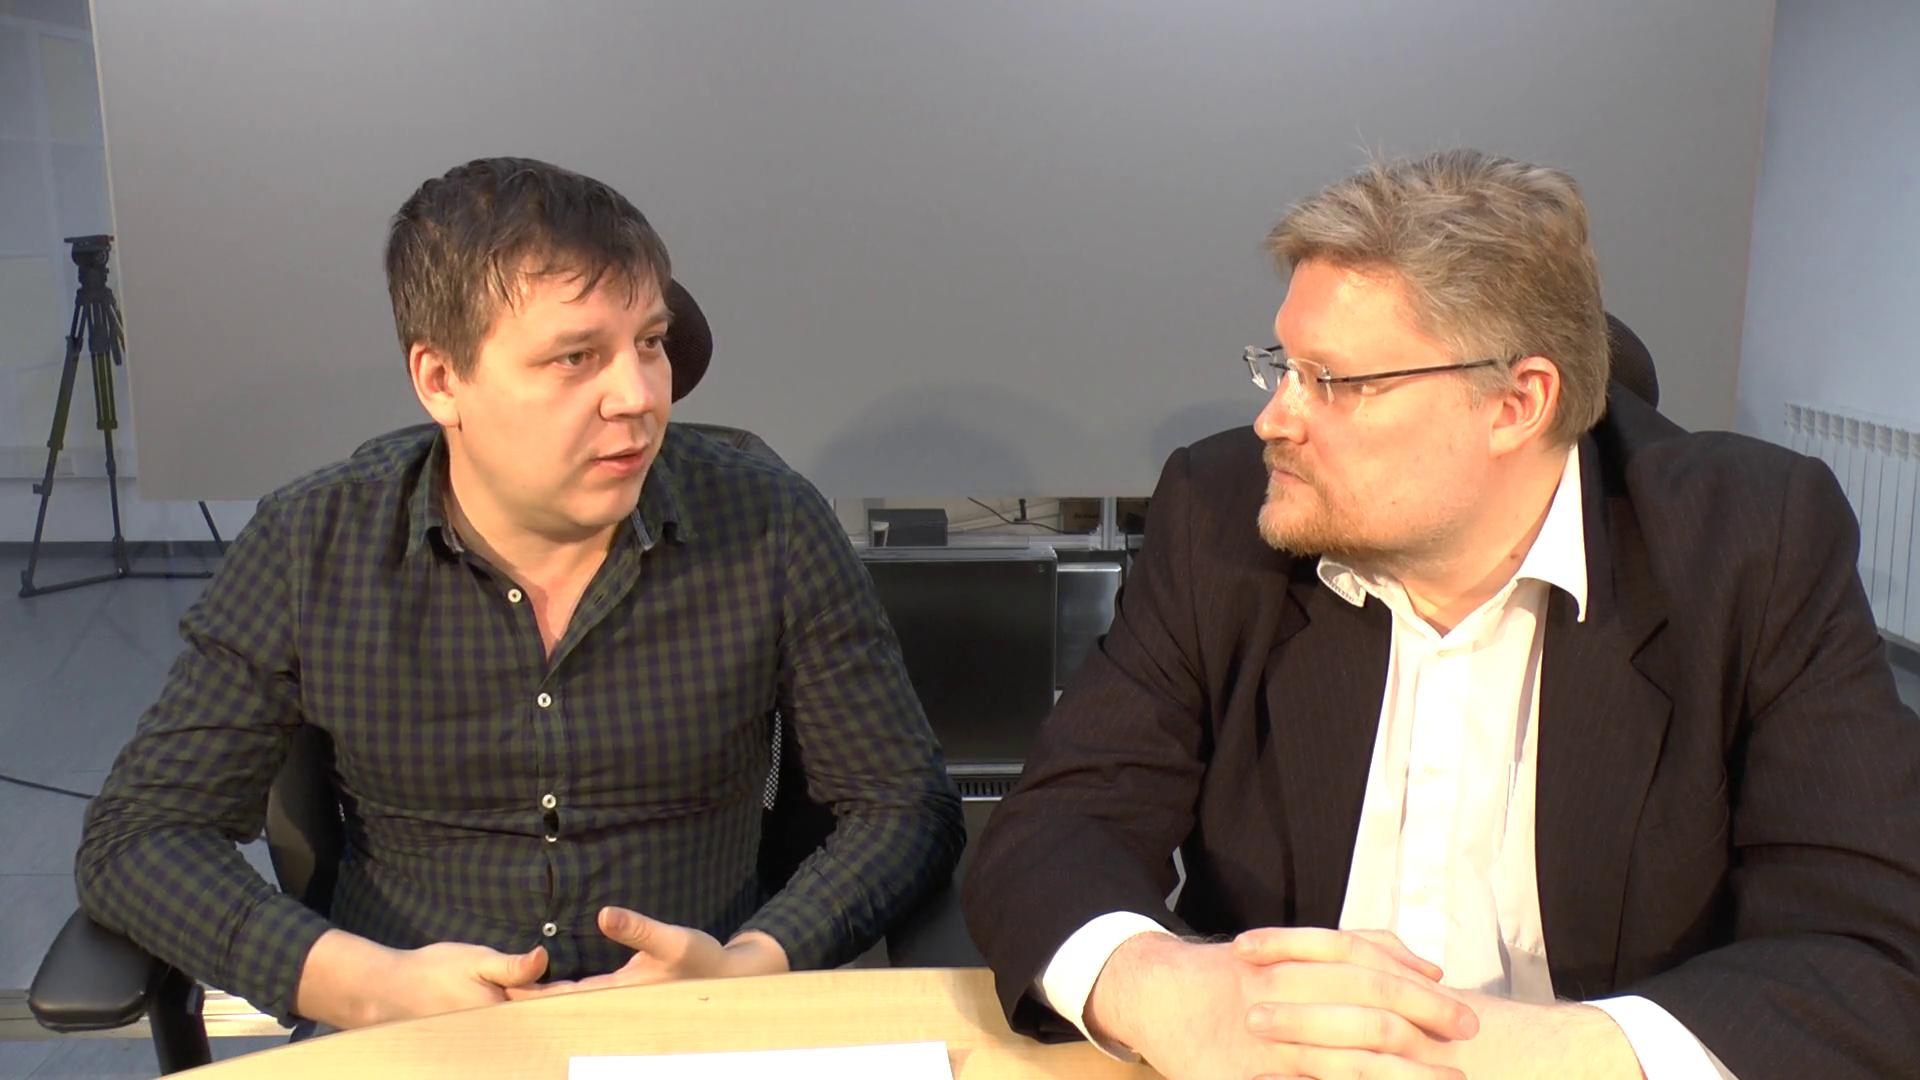 Сергей Задумов и Григорий Шувалов отвечают на вопросы читателей в жж.